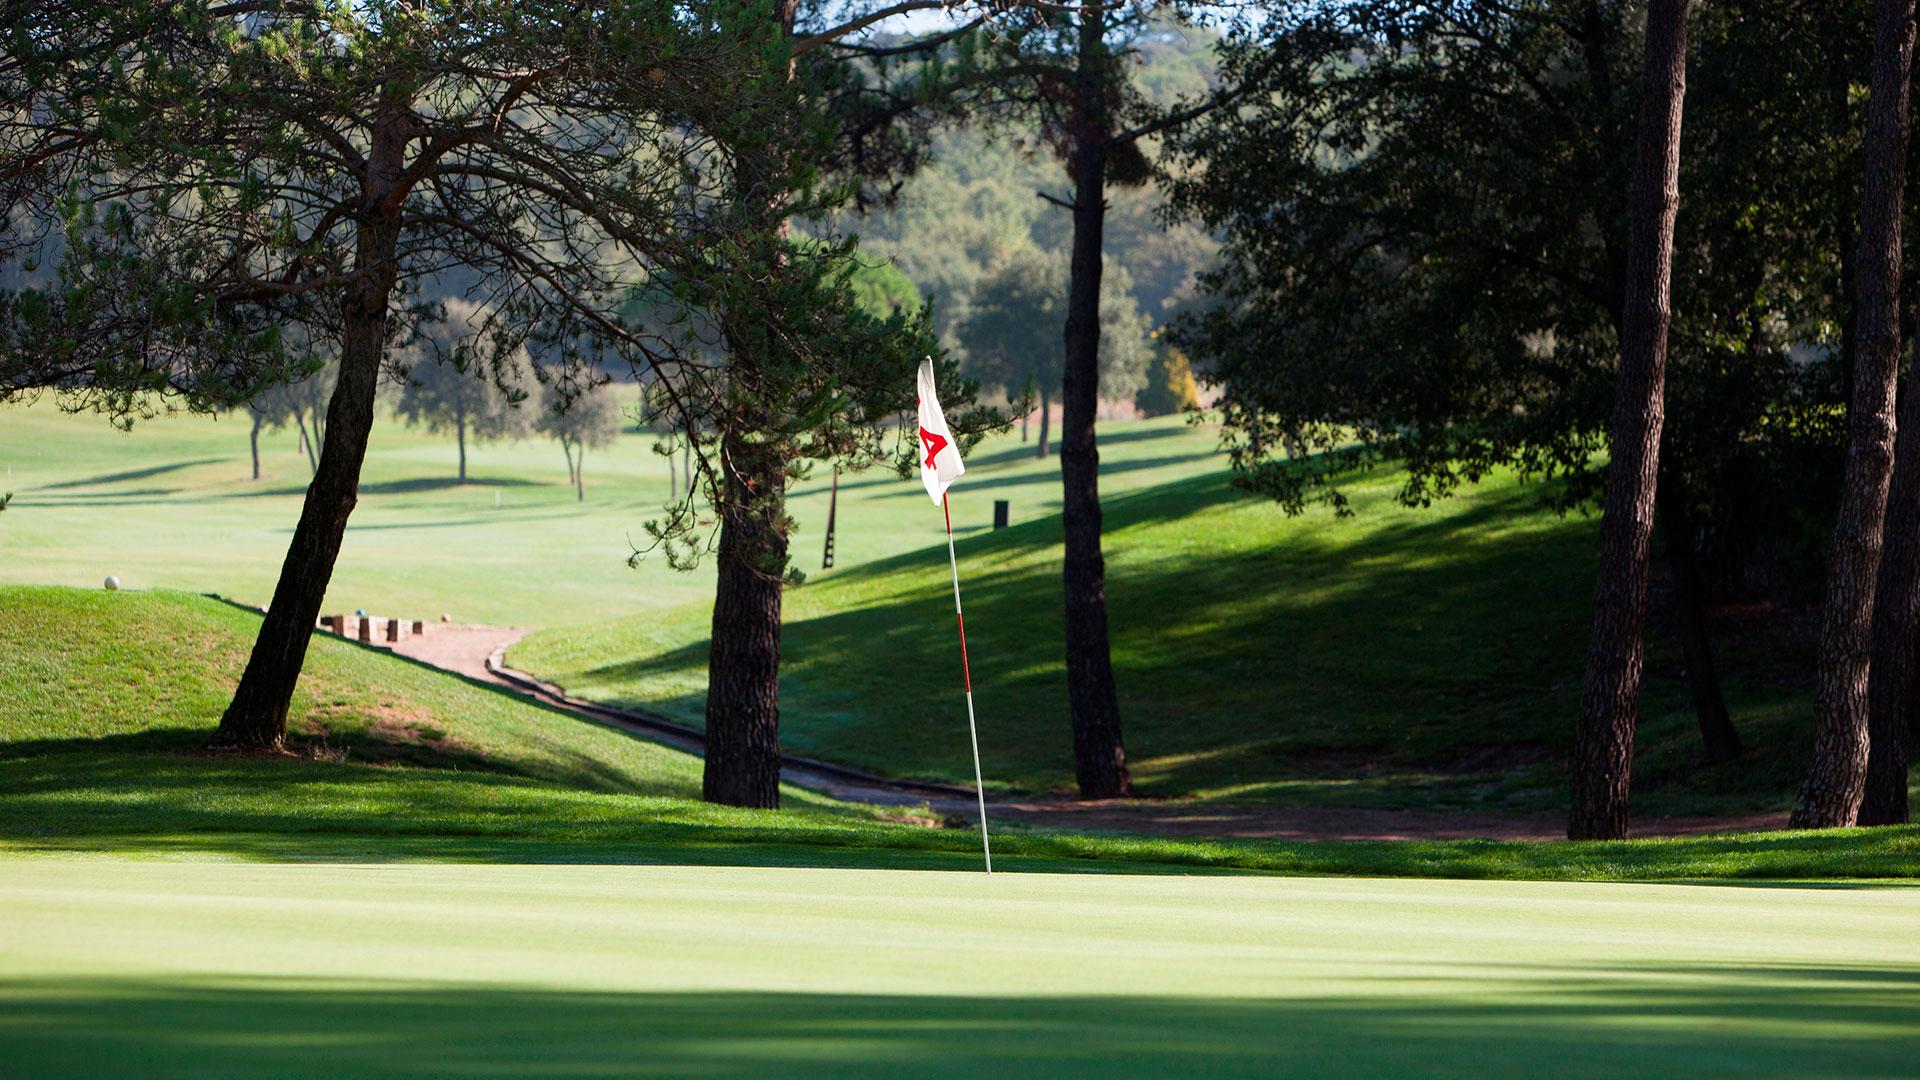 campo de golf montanya bandera